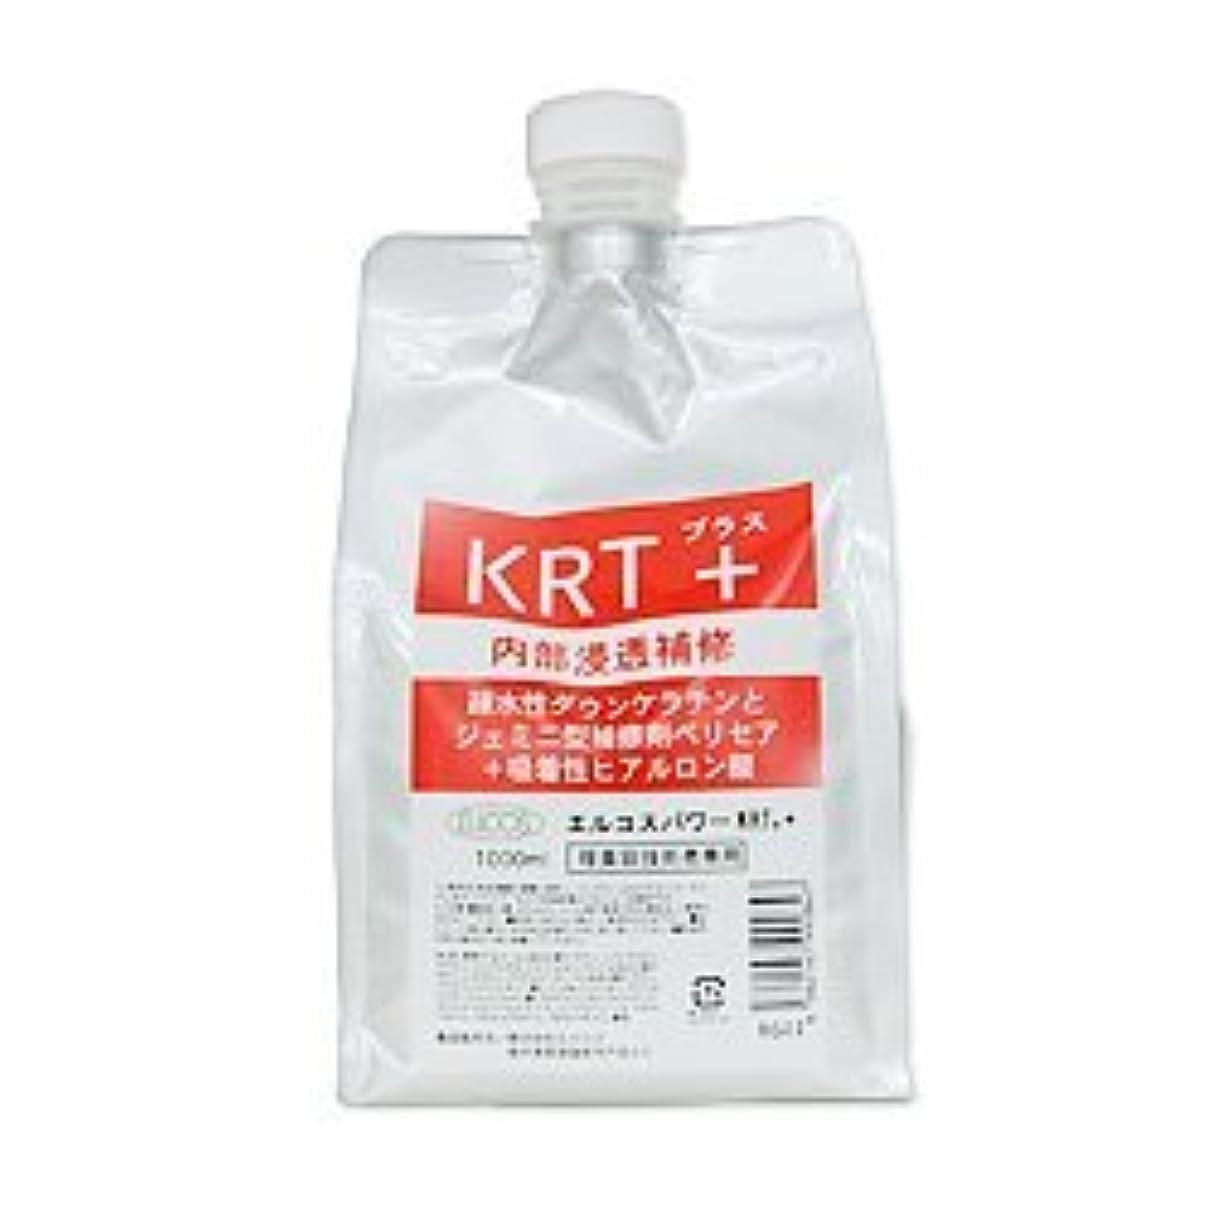 海峡ひもストロークパンフレットエルコス パワー KRT+ 1000ml(詰替用)(トリートメント)